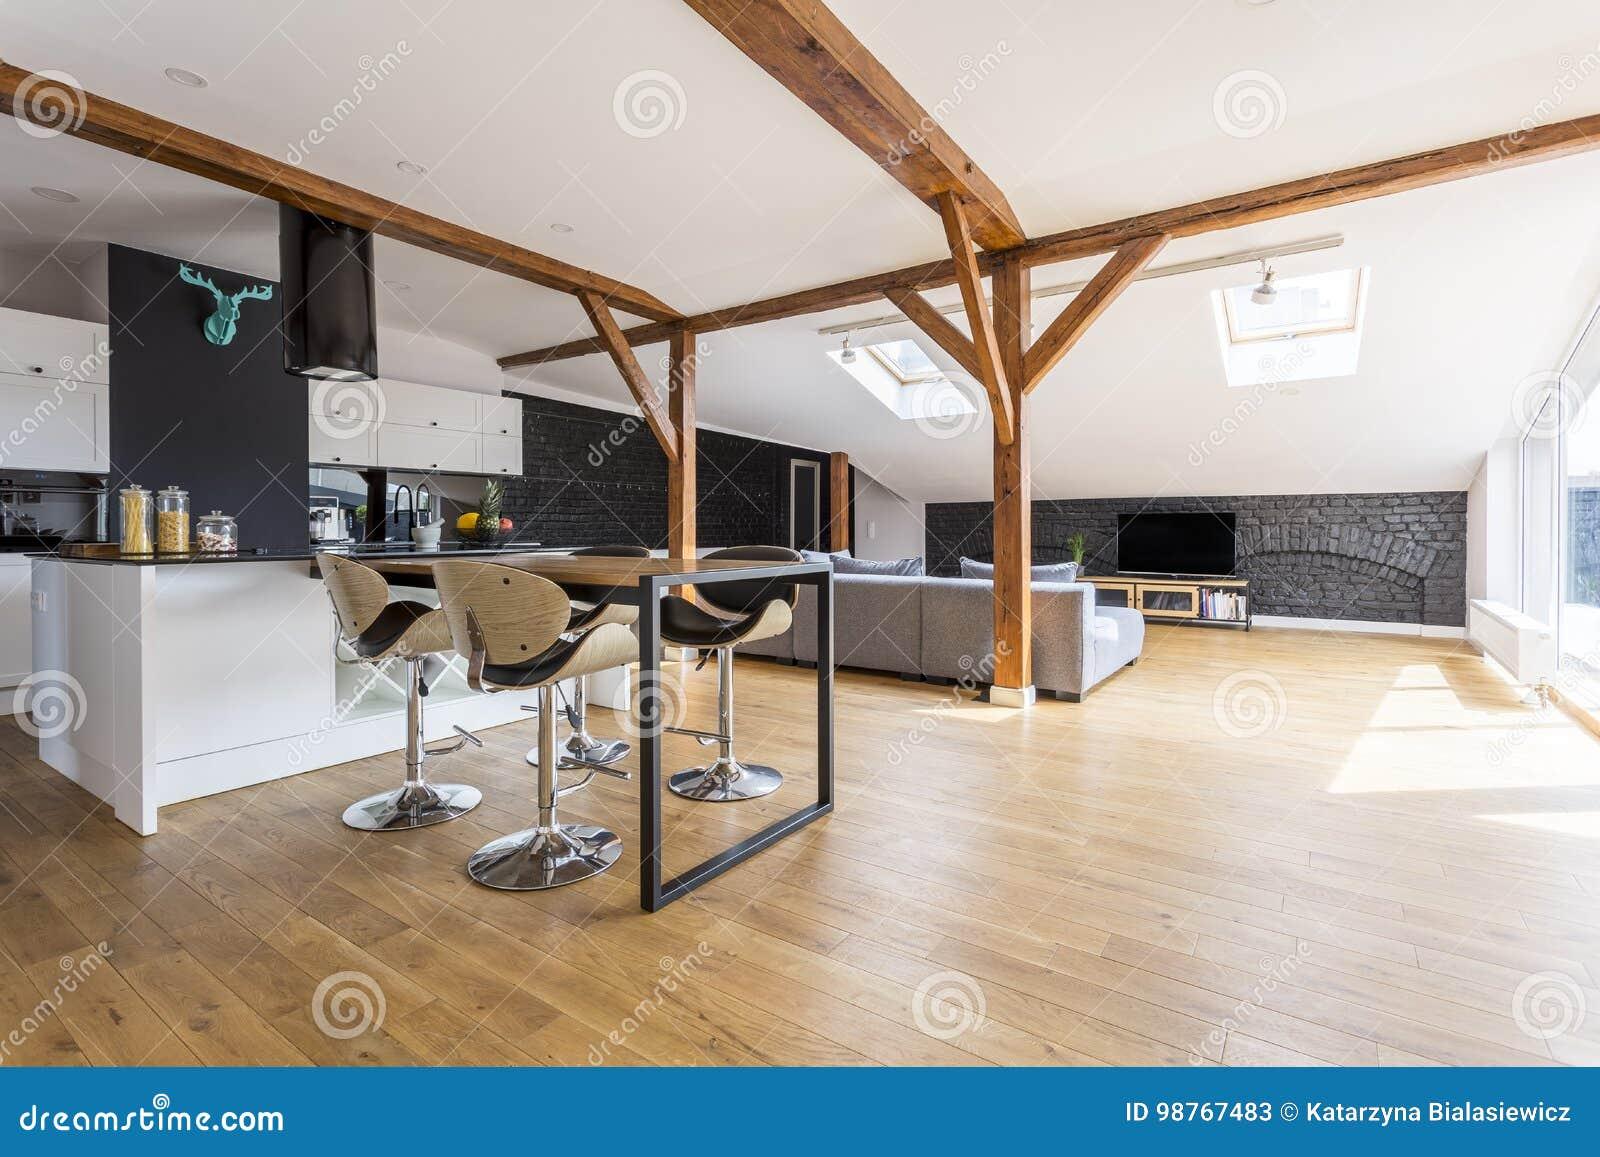 Sgabelli da bar in appartamento spazioso immagine stock immagine